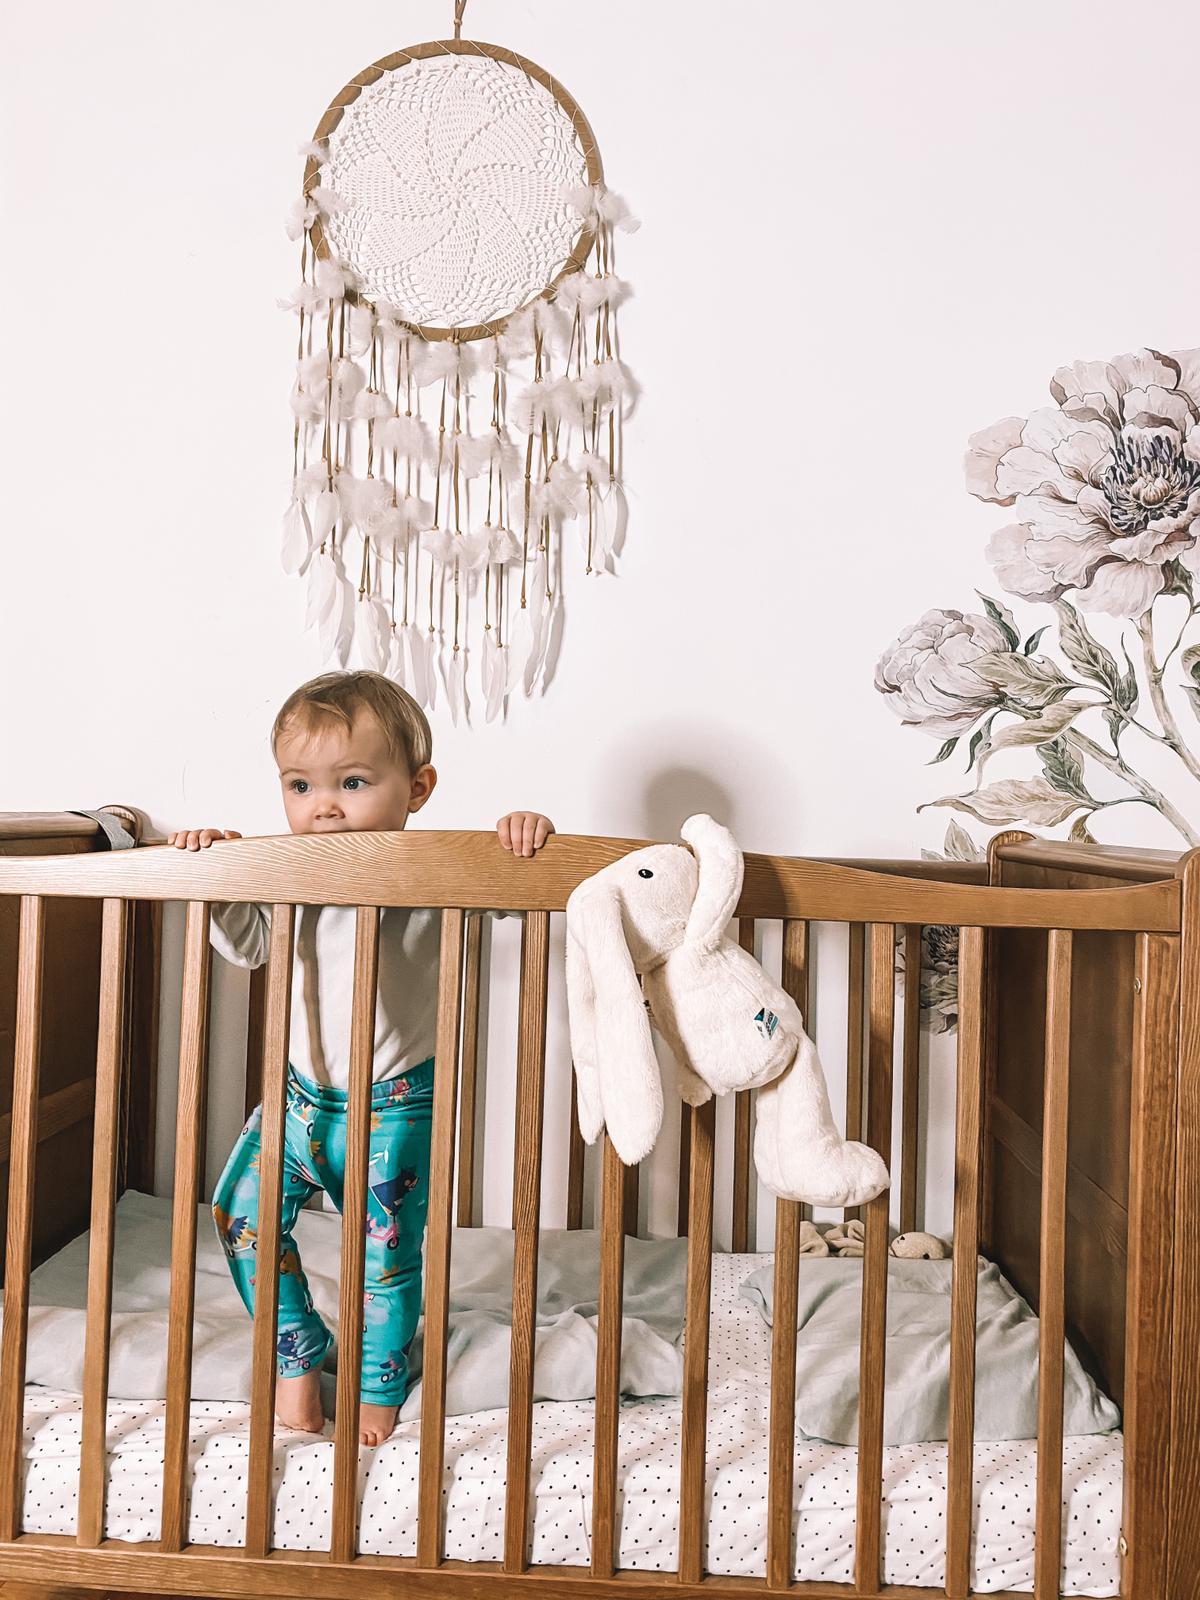 około dwuletnie dziecko stojące w łóżeczku i podgryzające balustradkę, obok wiszący dream catcher oraz szumiący króliczek Whisbear